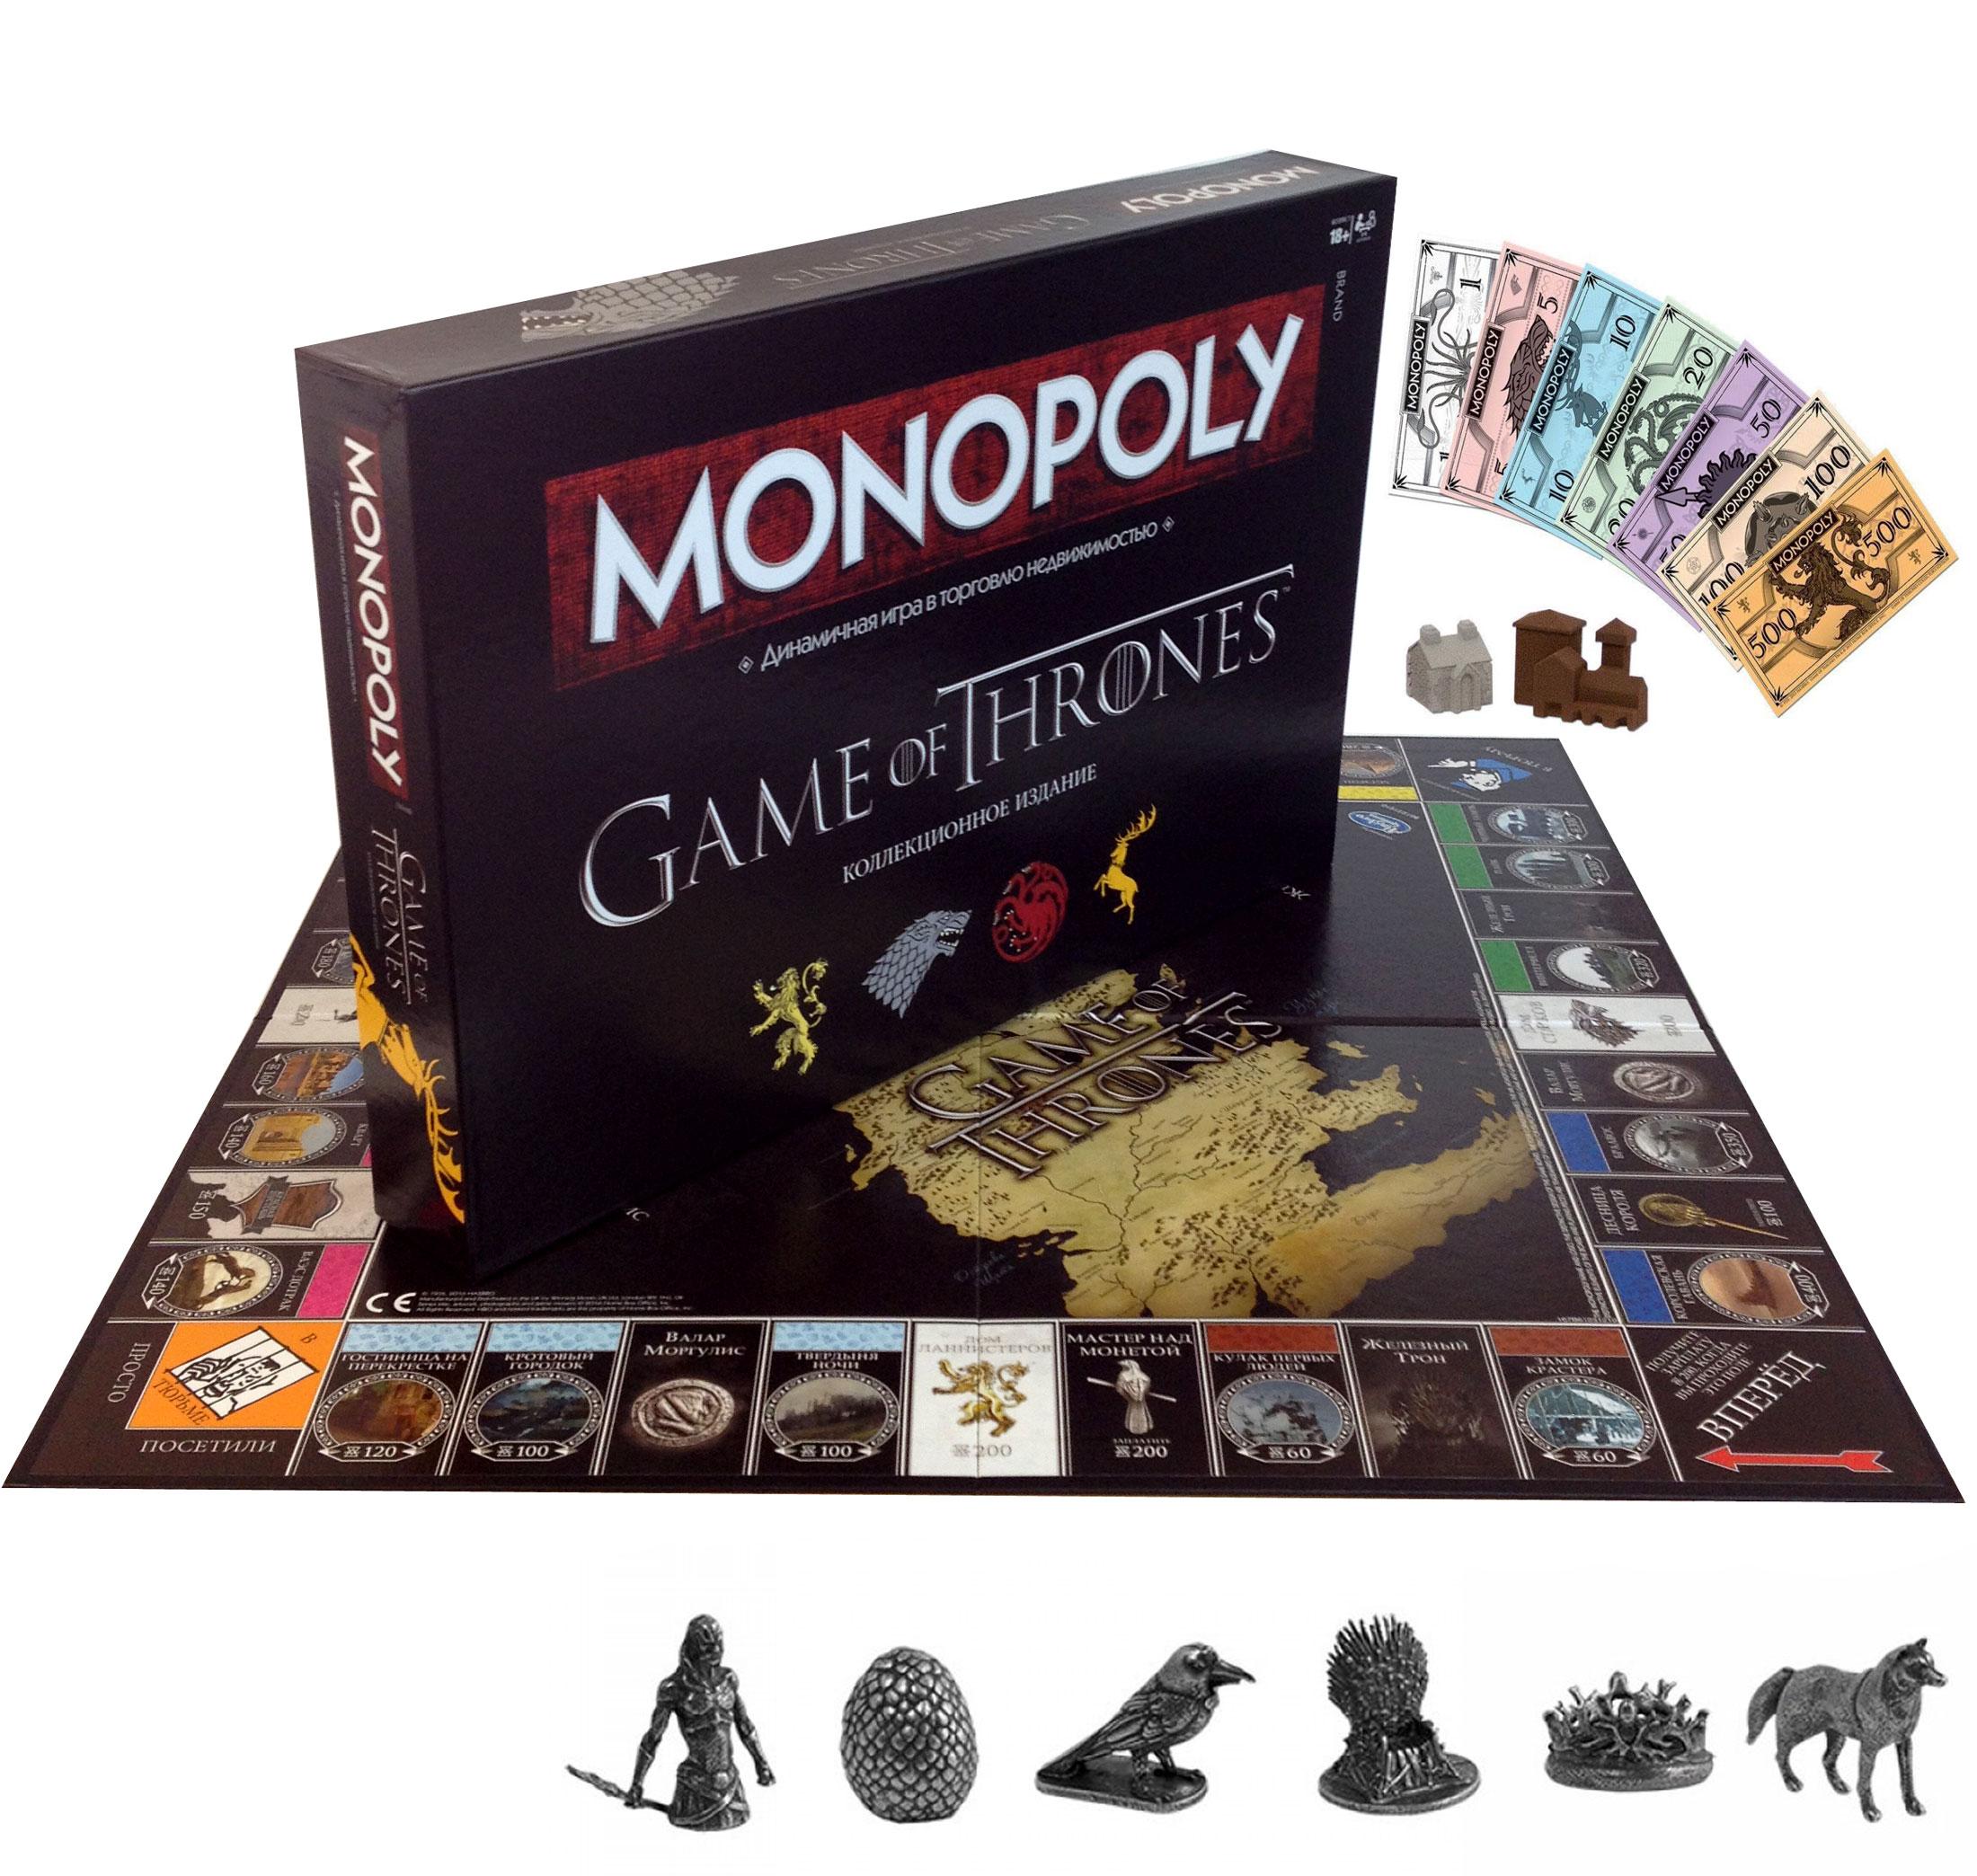 купить монополию игра престолов по выгодной цене в